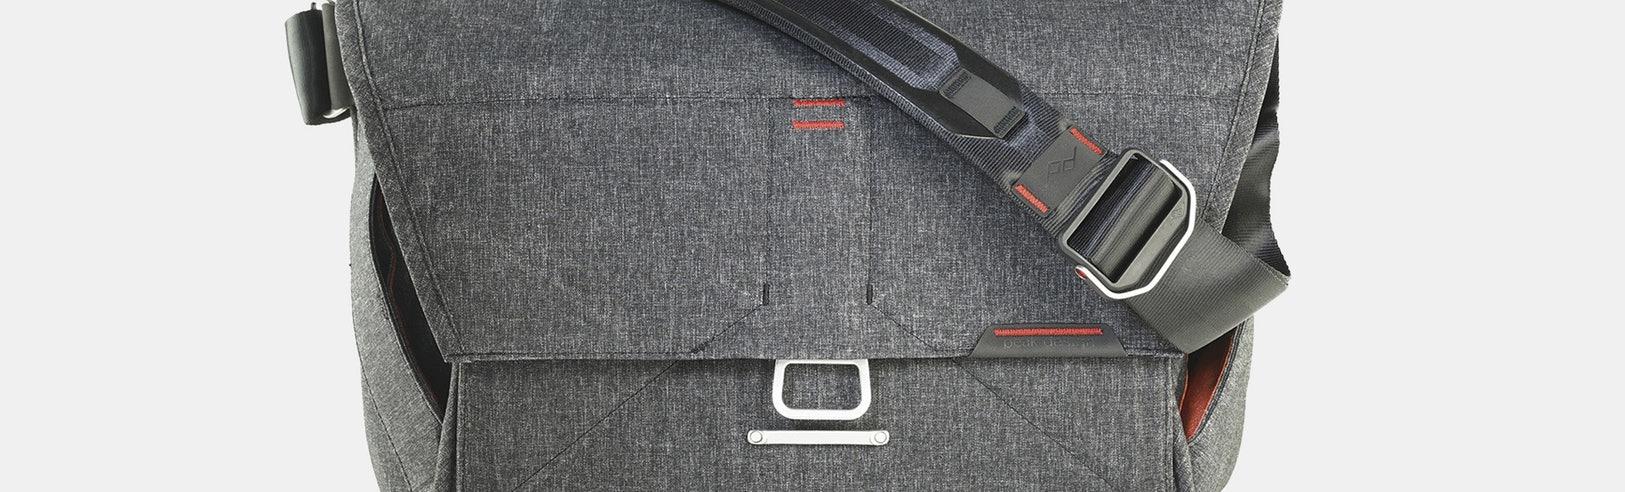 Peak Design Everyday Bags Starting at $114.99